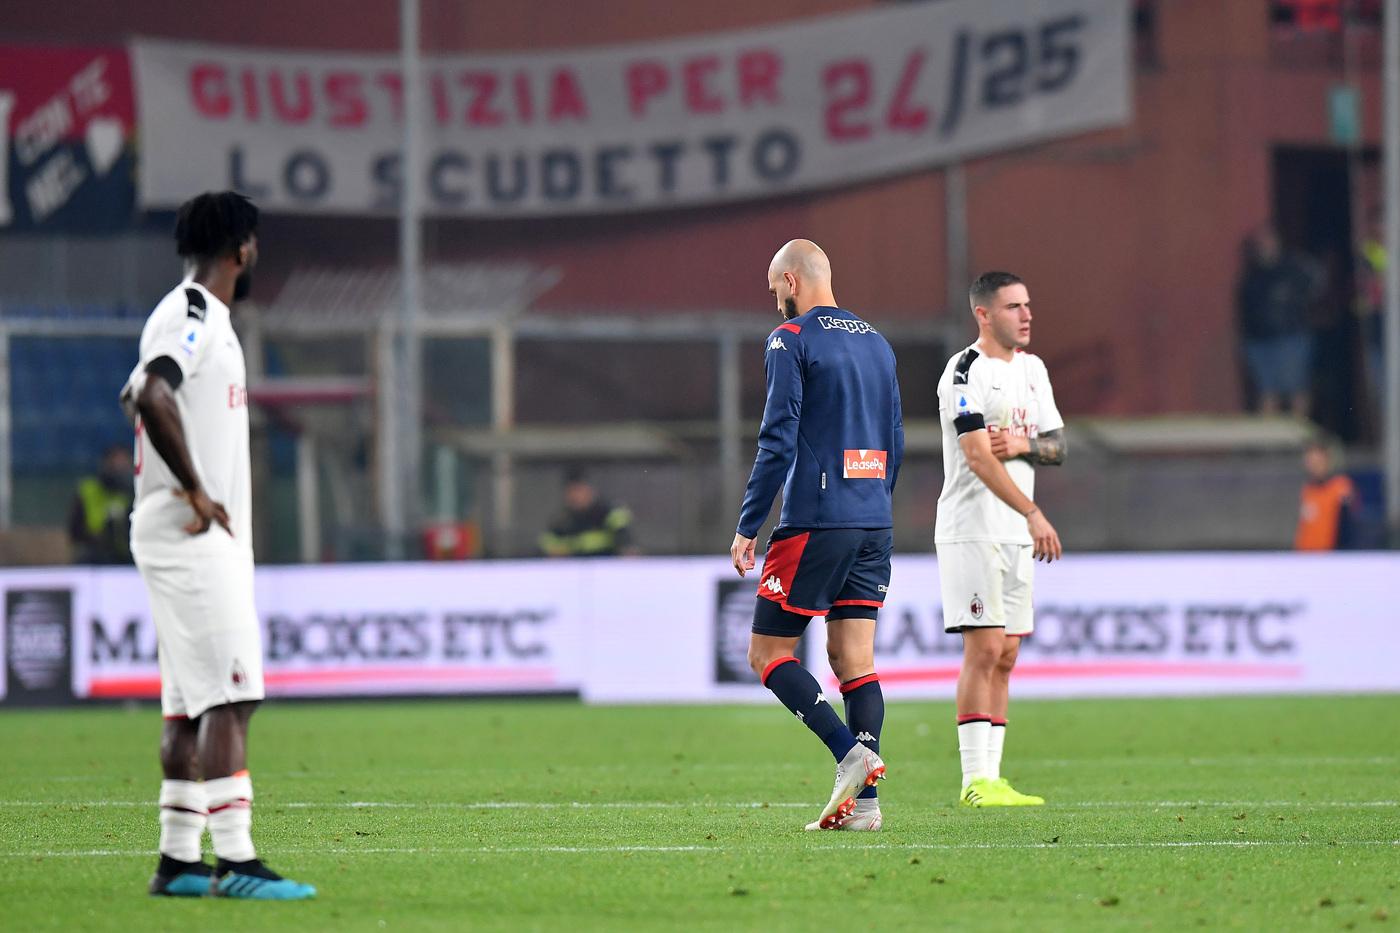 Serie A, Lecce-Cagliari si recupera alle 15: in serata Spal-Genoa